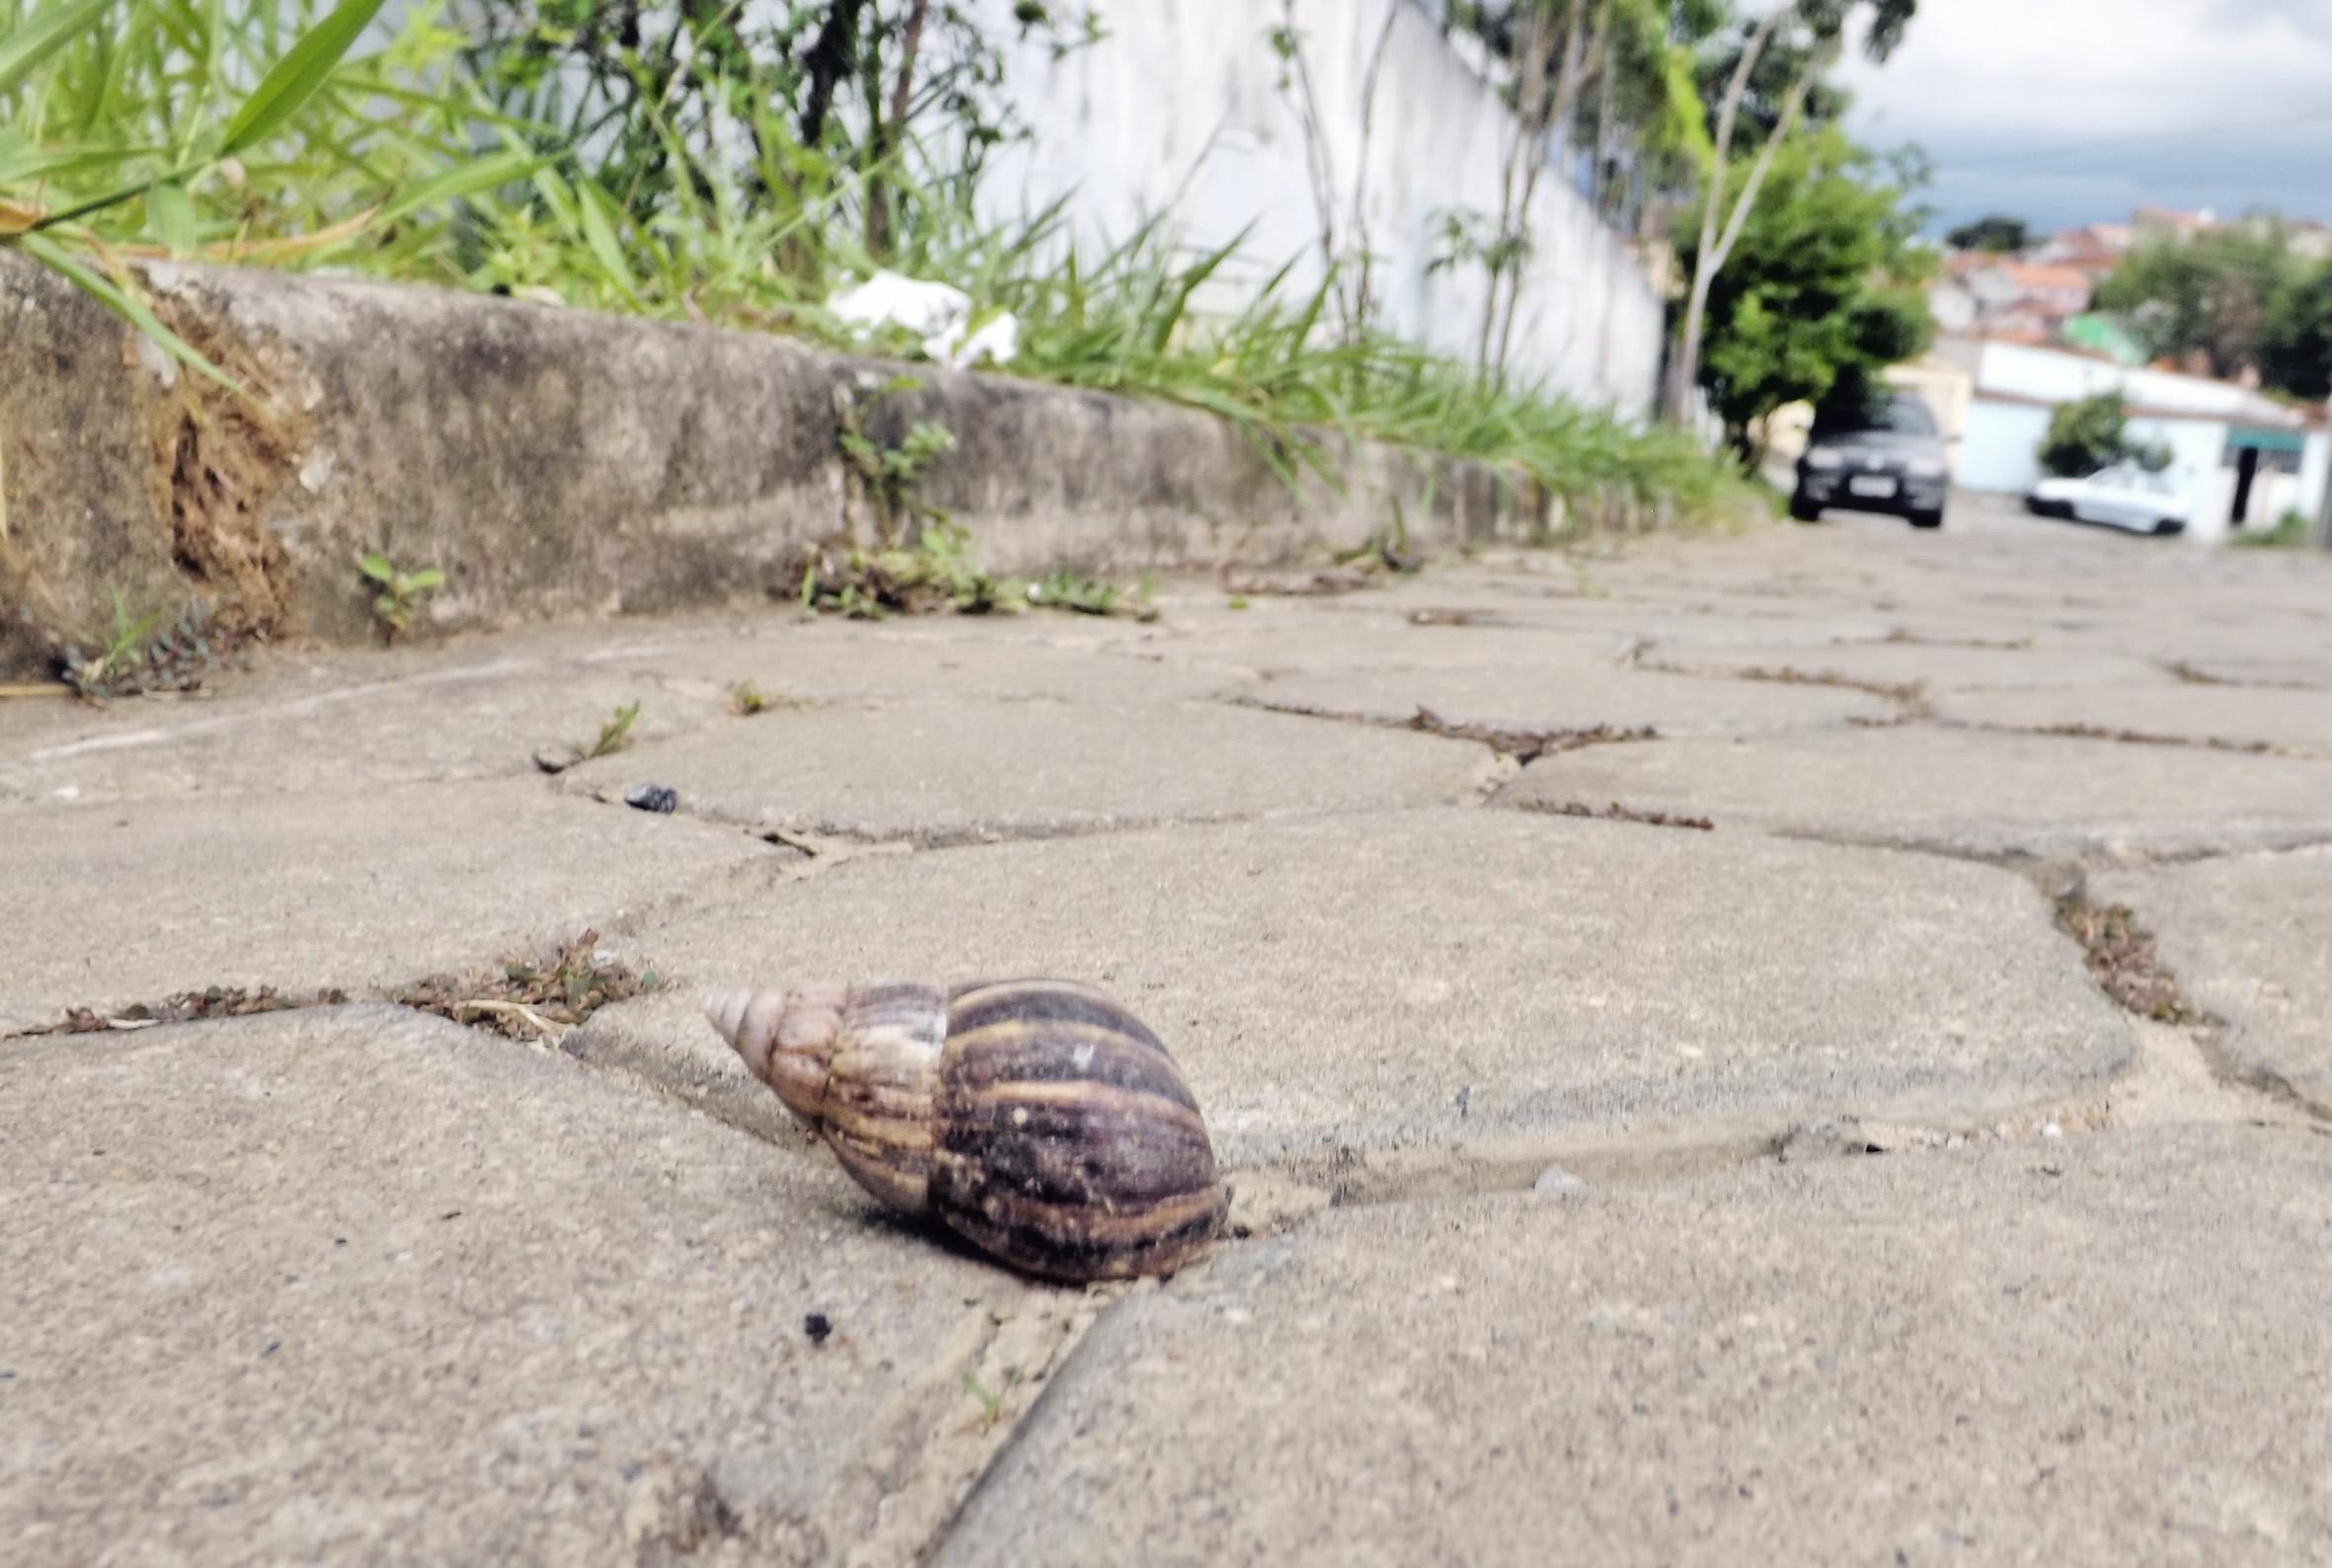 Caramujo africano encontrado em bairros de Cachoeira; com medo de doenças e infestação, moradores cobram solução da Prefeitura (Foto: Lucas Barbosa)